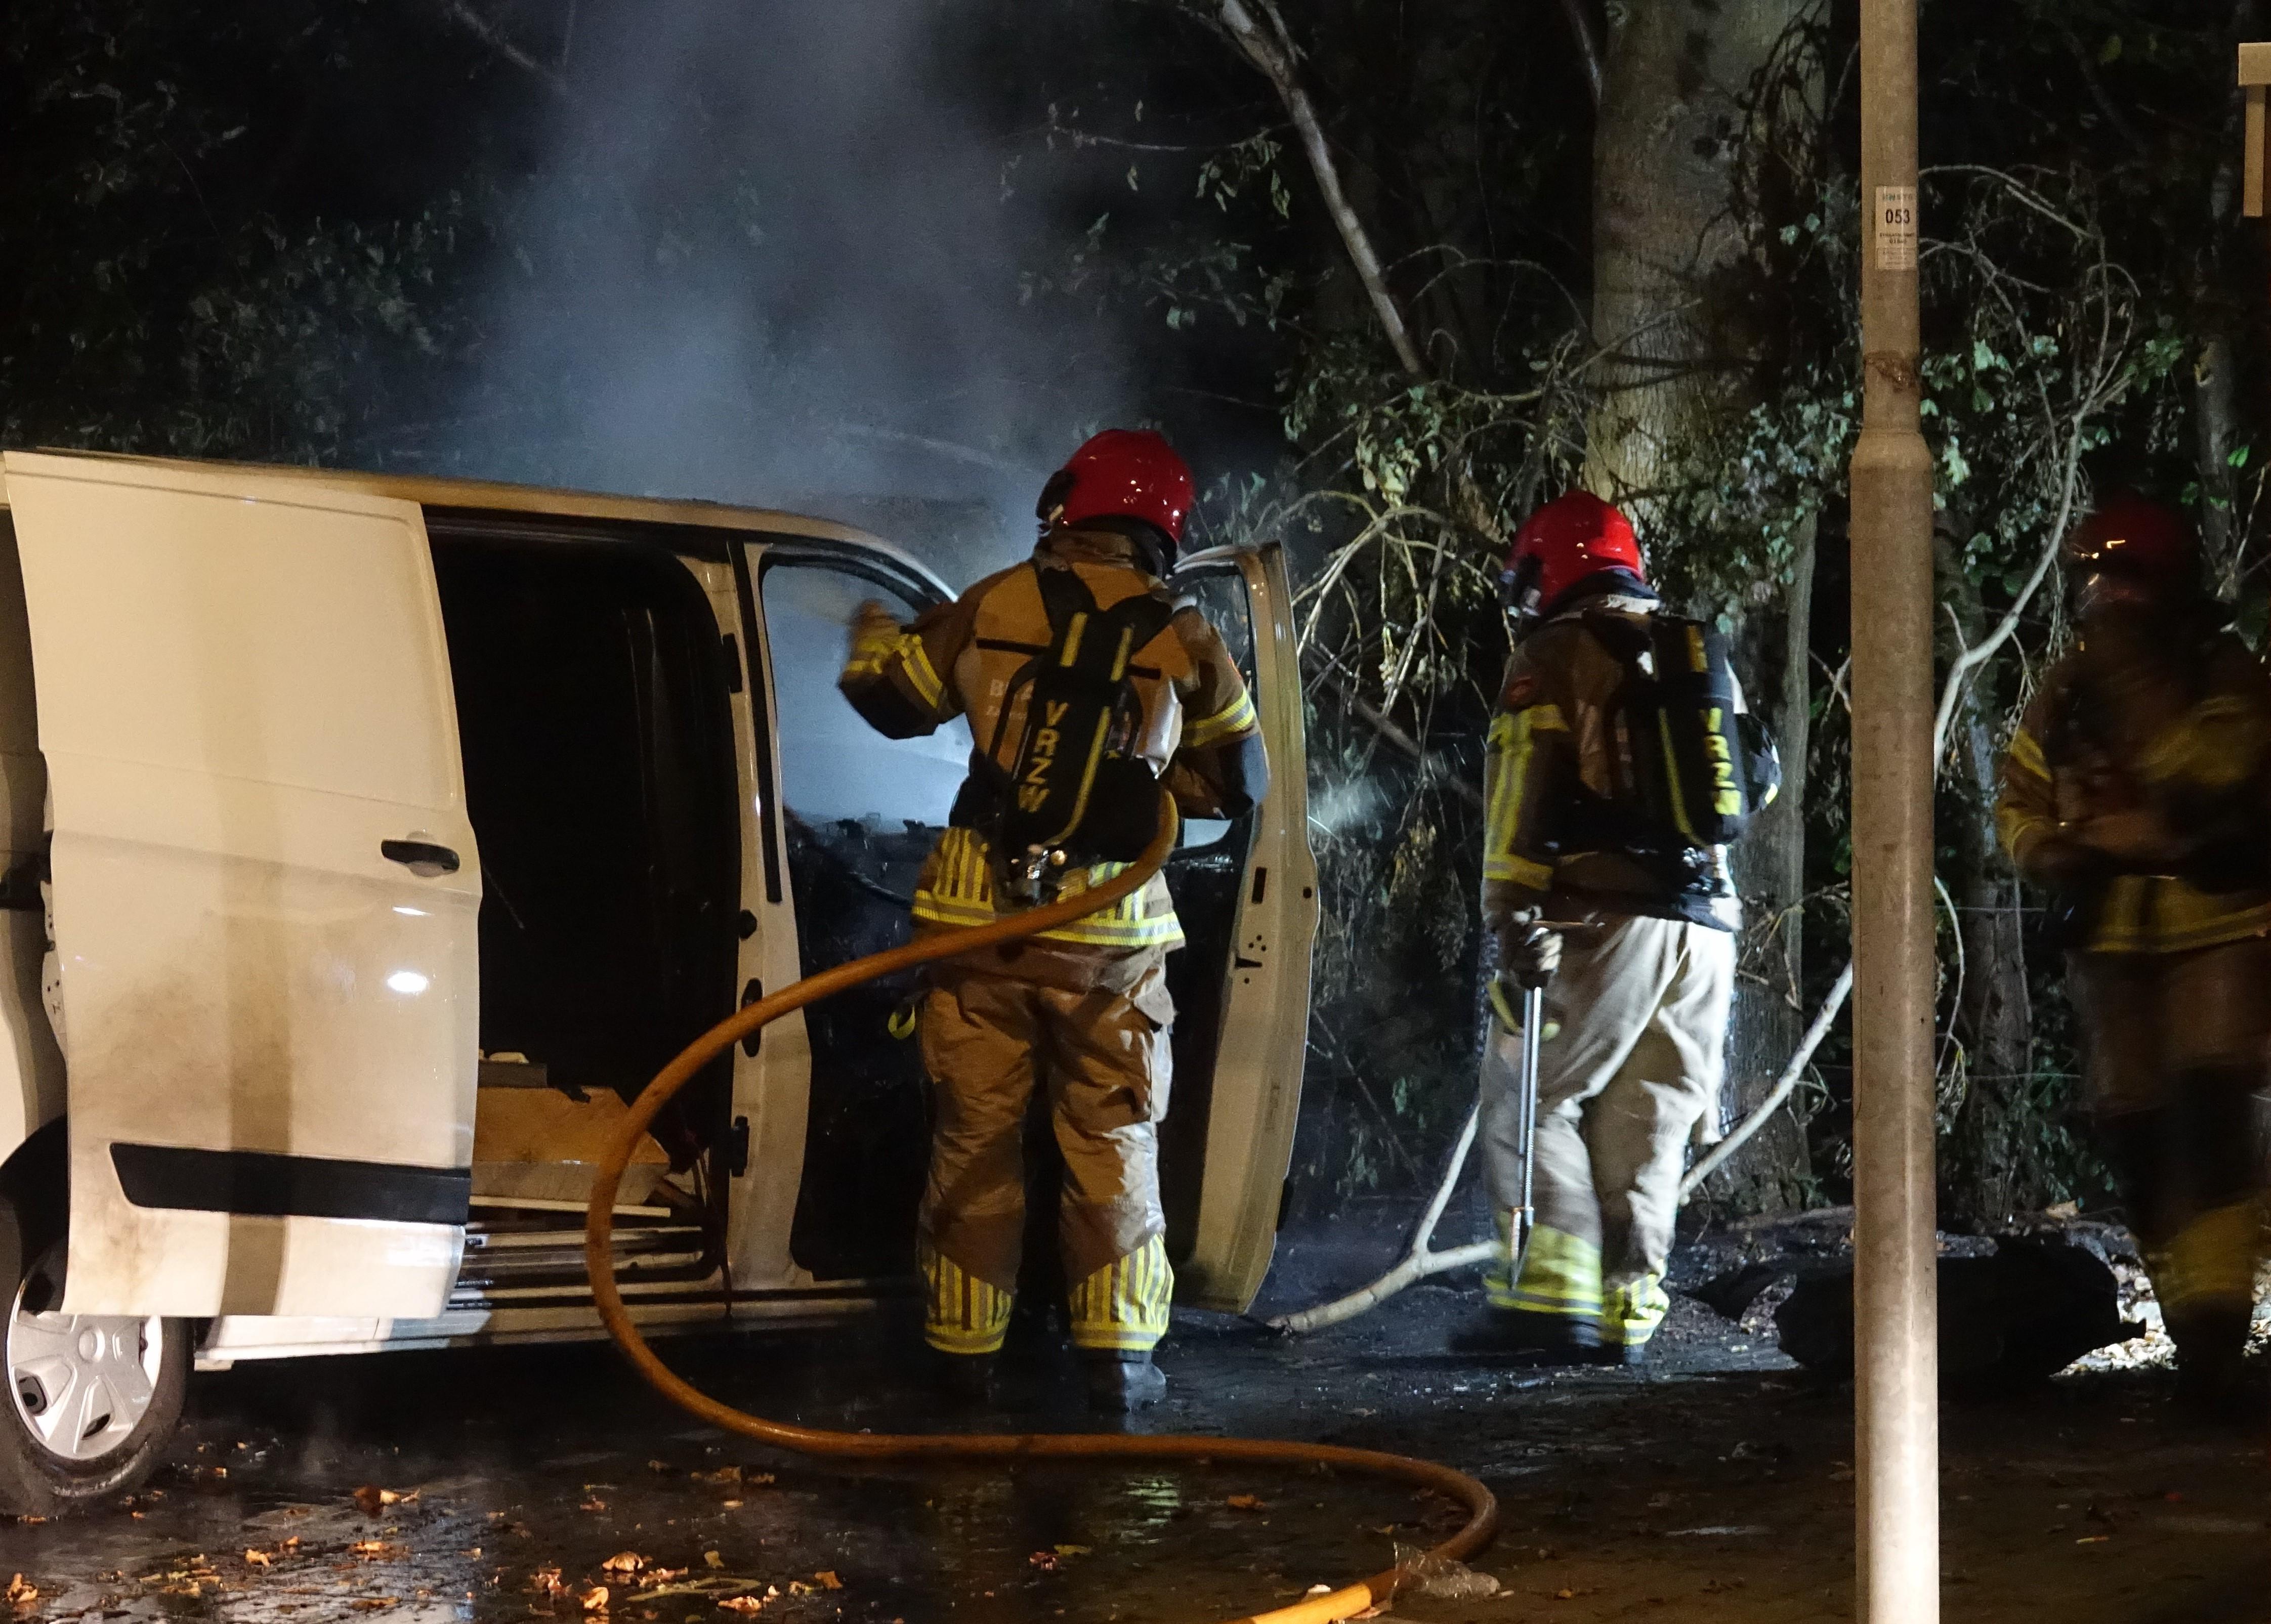 Transportbusje vermoedelijk in brand gestoken in Zaandam